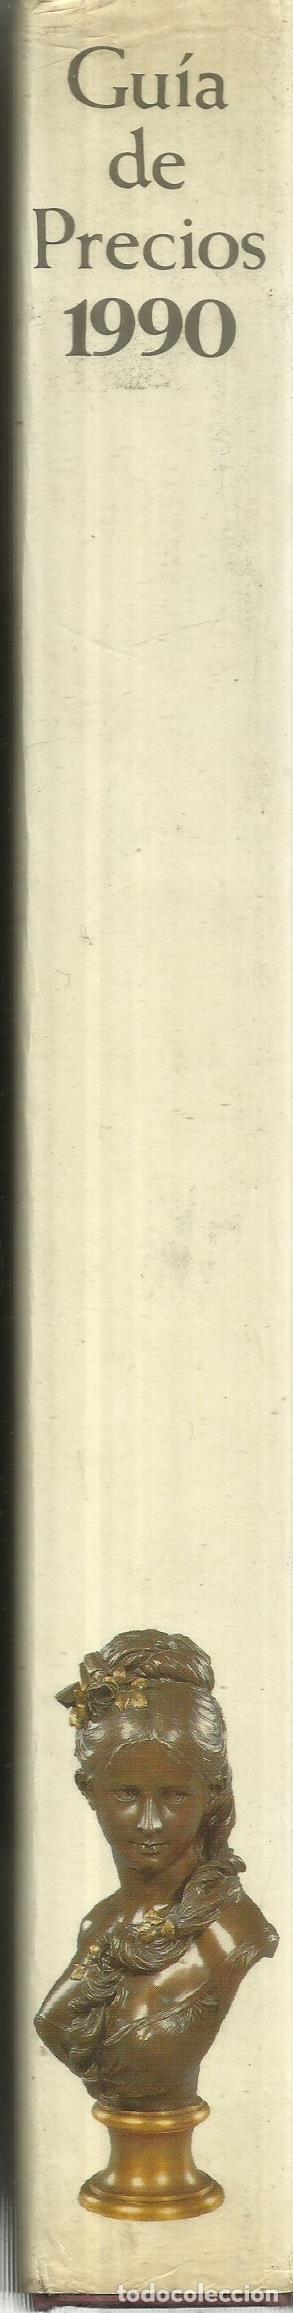 Libros de segunda mano: GUÍA DE PRECIOS 199. PINTURA, RELOJES, PORCELONA. ANTIQUARIA. MADRID. 1990 30 - Foto 2 - 74793355